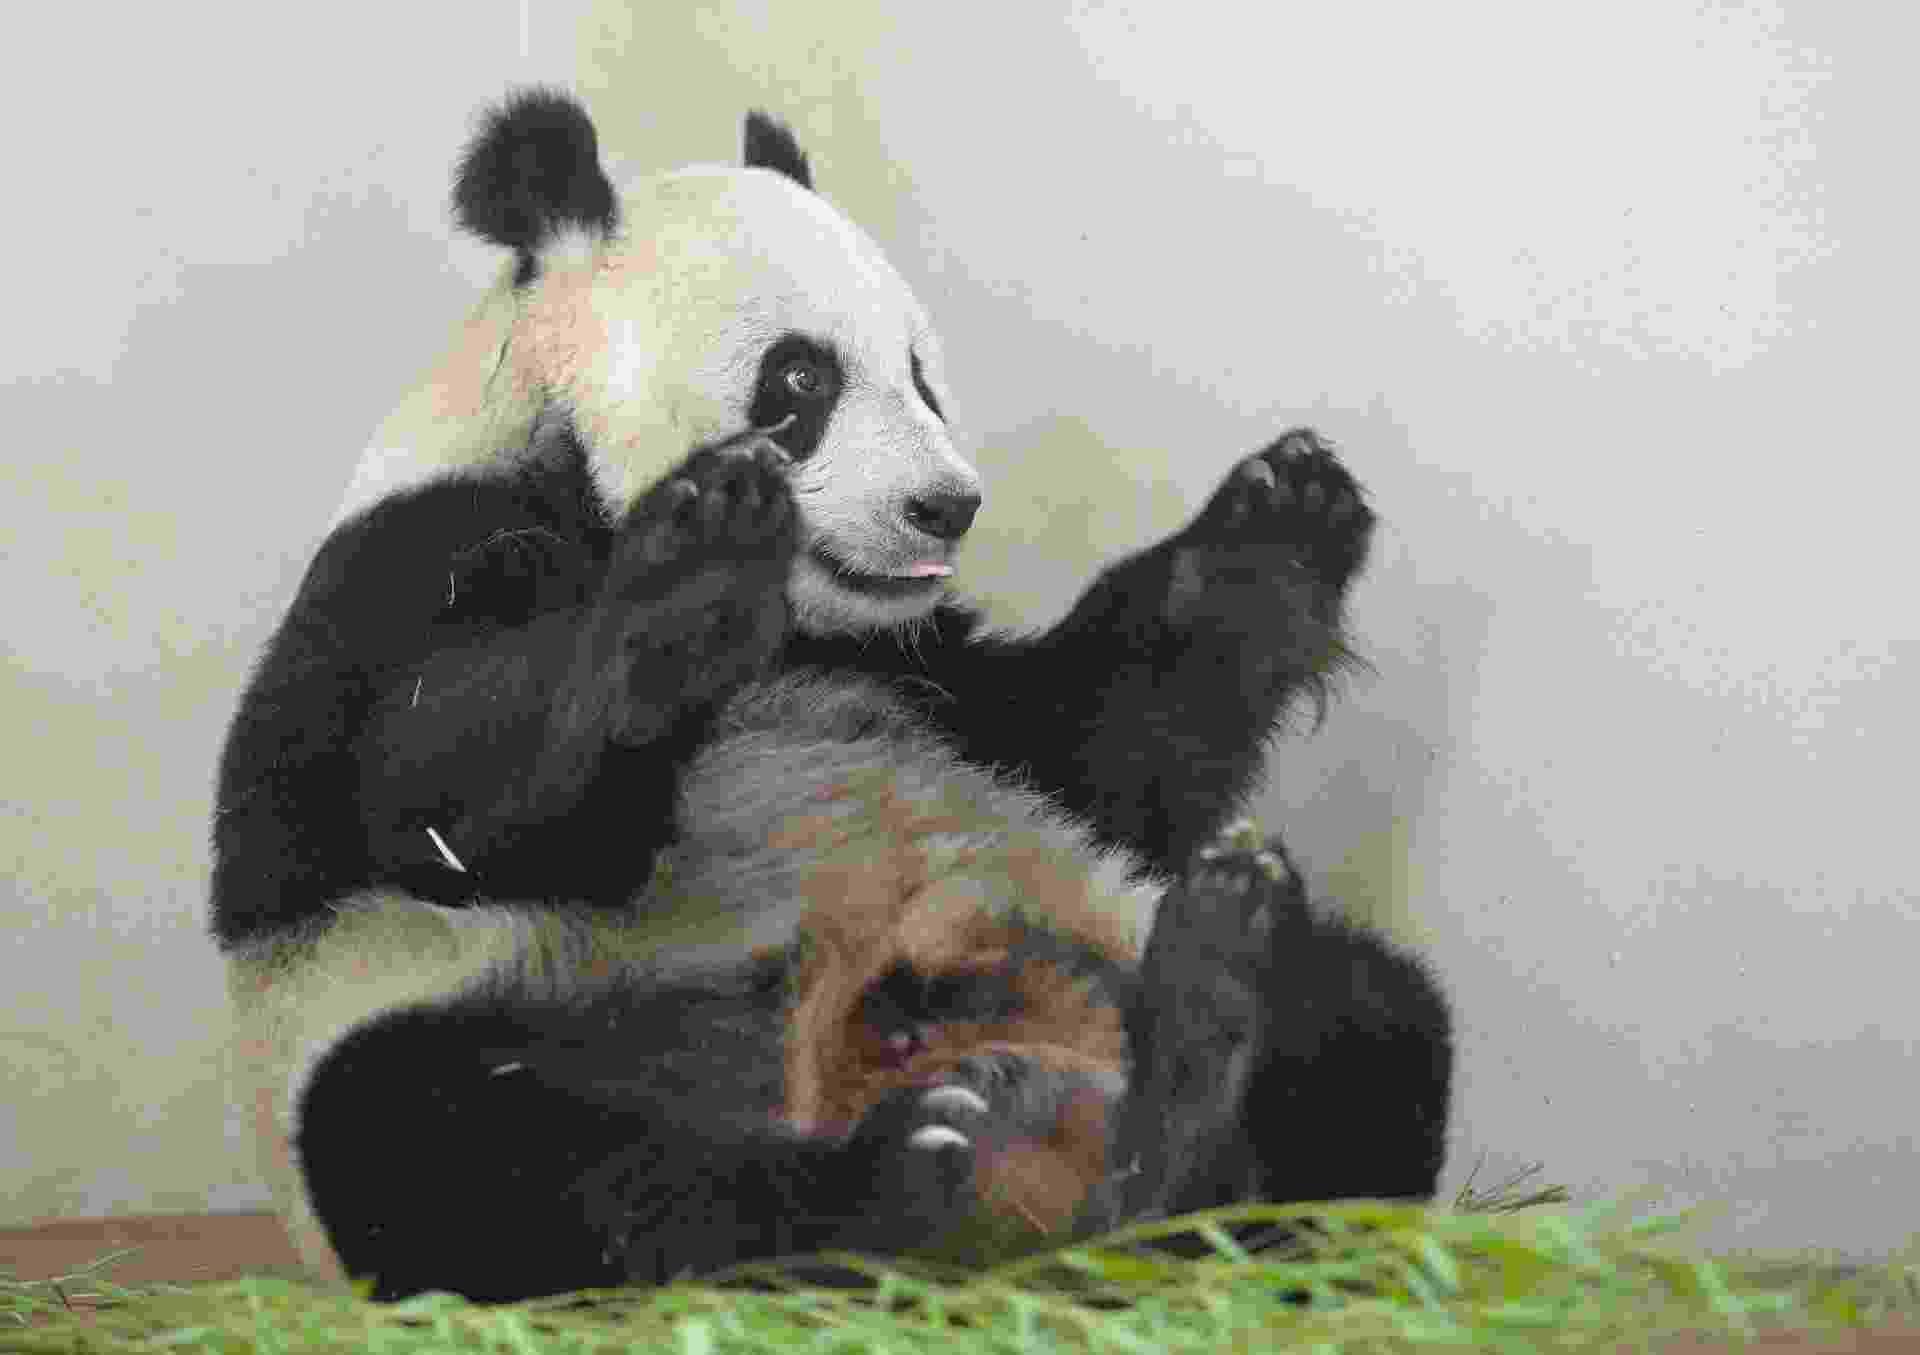 9.ago.2013 - A panda gigante Tian Tian brinca em seu recinto no zoológico de Edimburgo, na Escócia, nesta sexta-feira (9). O parque escocês anunciou hoje que a única fêmea que vive em cativeiro no Reino Unido pode estar grávida -  além de significativas mudanças no comportamento, os níveis de hormônios e proteínas sugerem que ela esteja esperando um filhote -, mas isso só será confirmado pouco antes de Tian Tian dar à luz, o que deve levar um mês - Russell Cheyne/Reuters